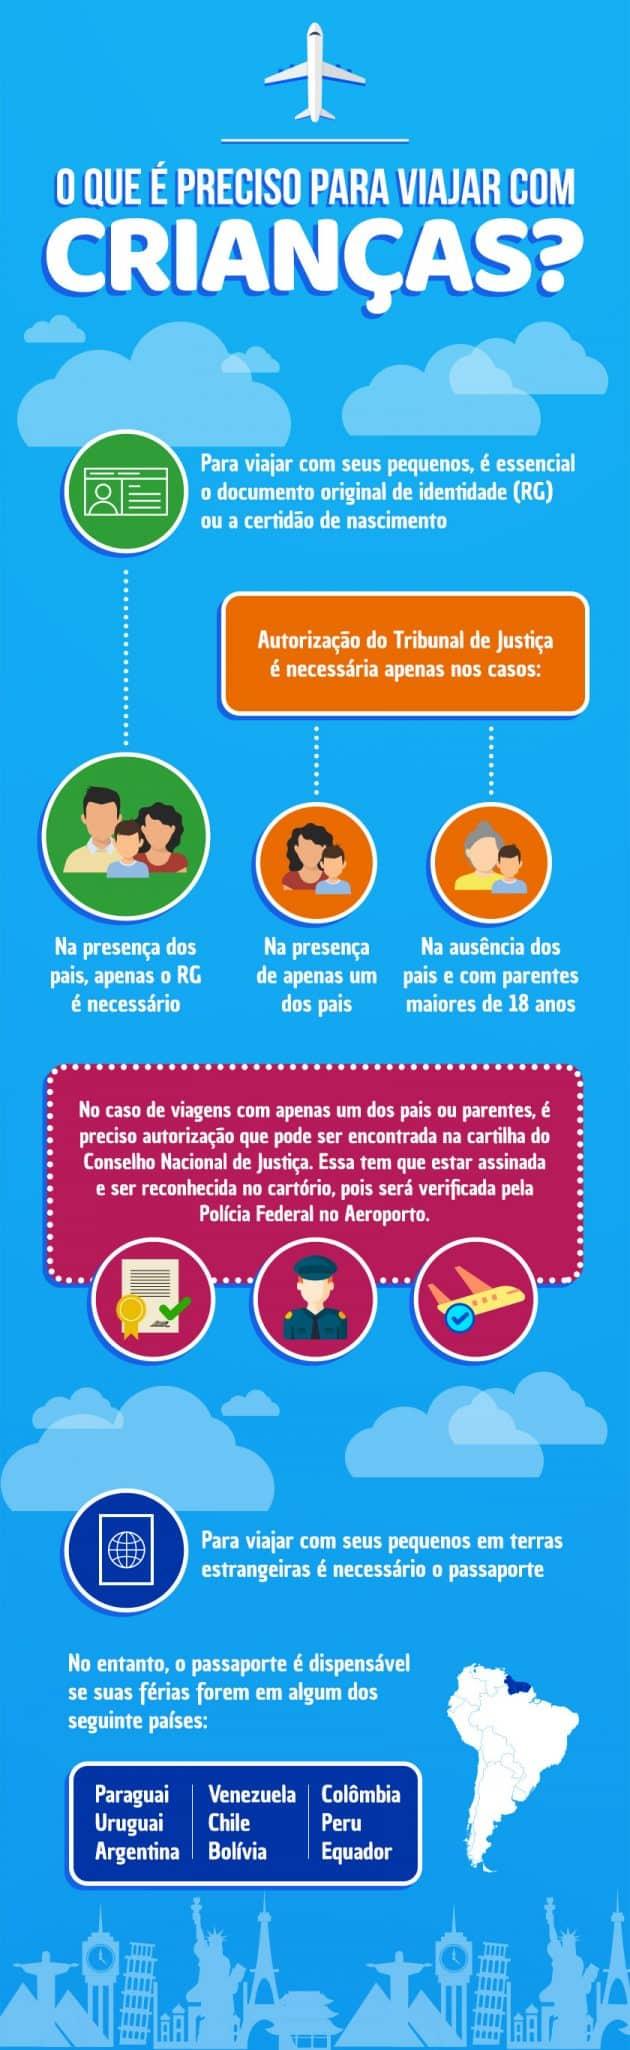 Infográfico sobre o que é preciso para se viajar com crianças